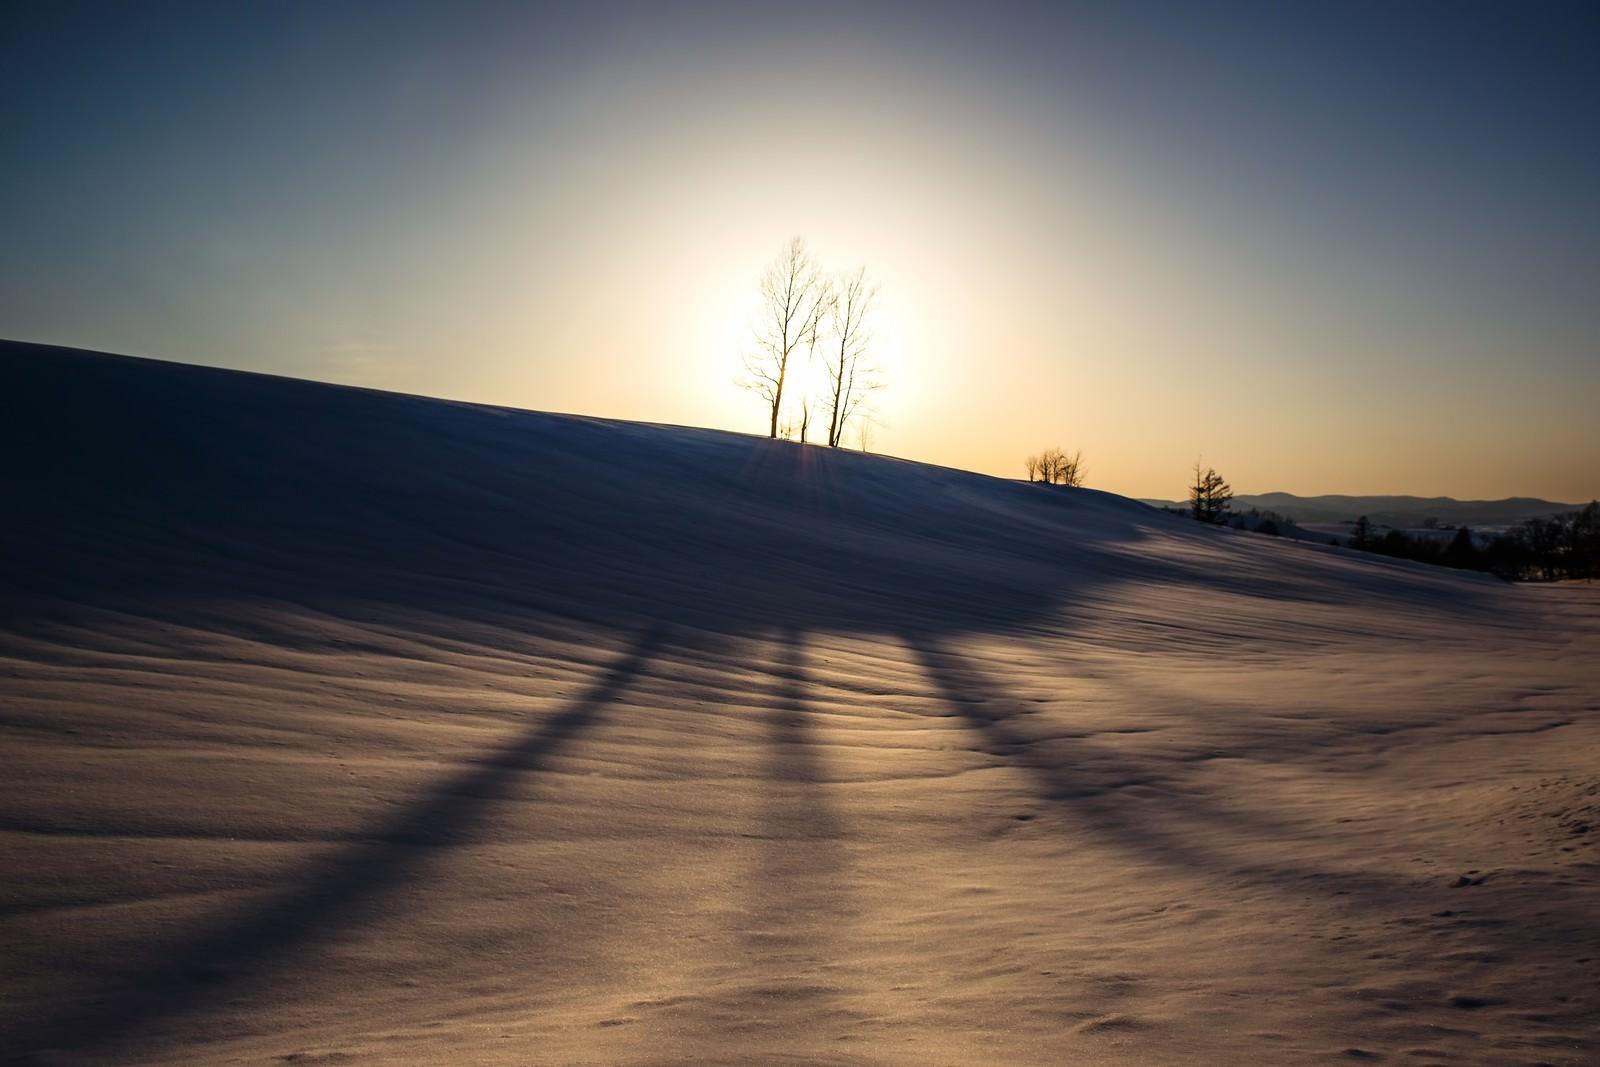 「美麗の雪原と伸びる木の陰美麗の雪原と伸びる木の陰」のフリー写真素材を拡大